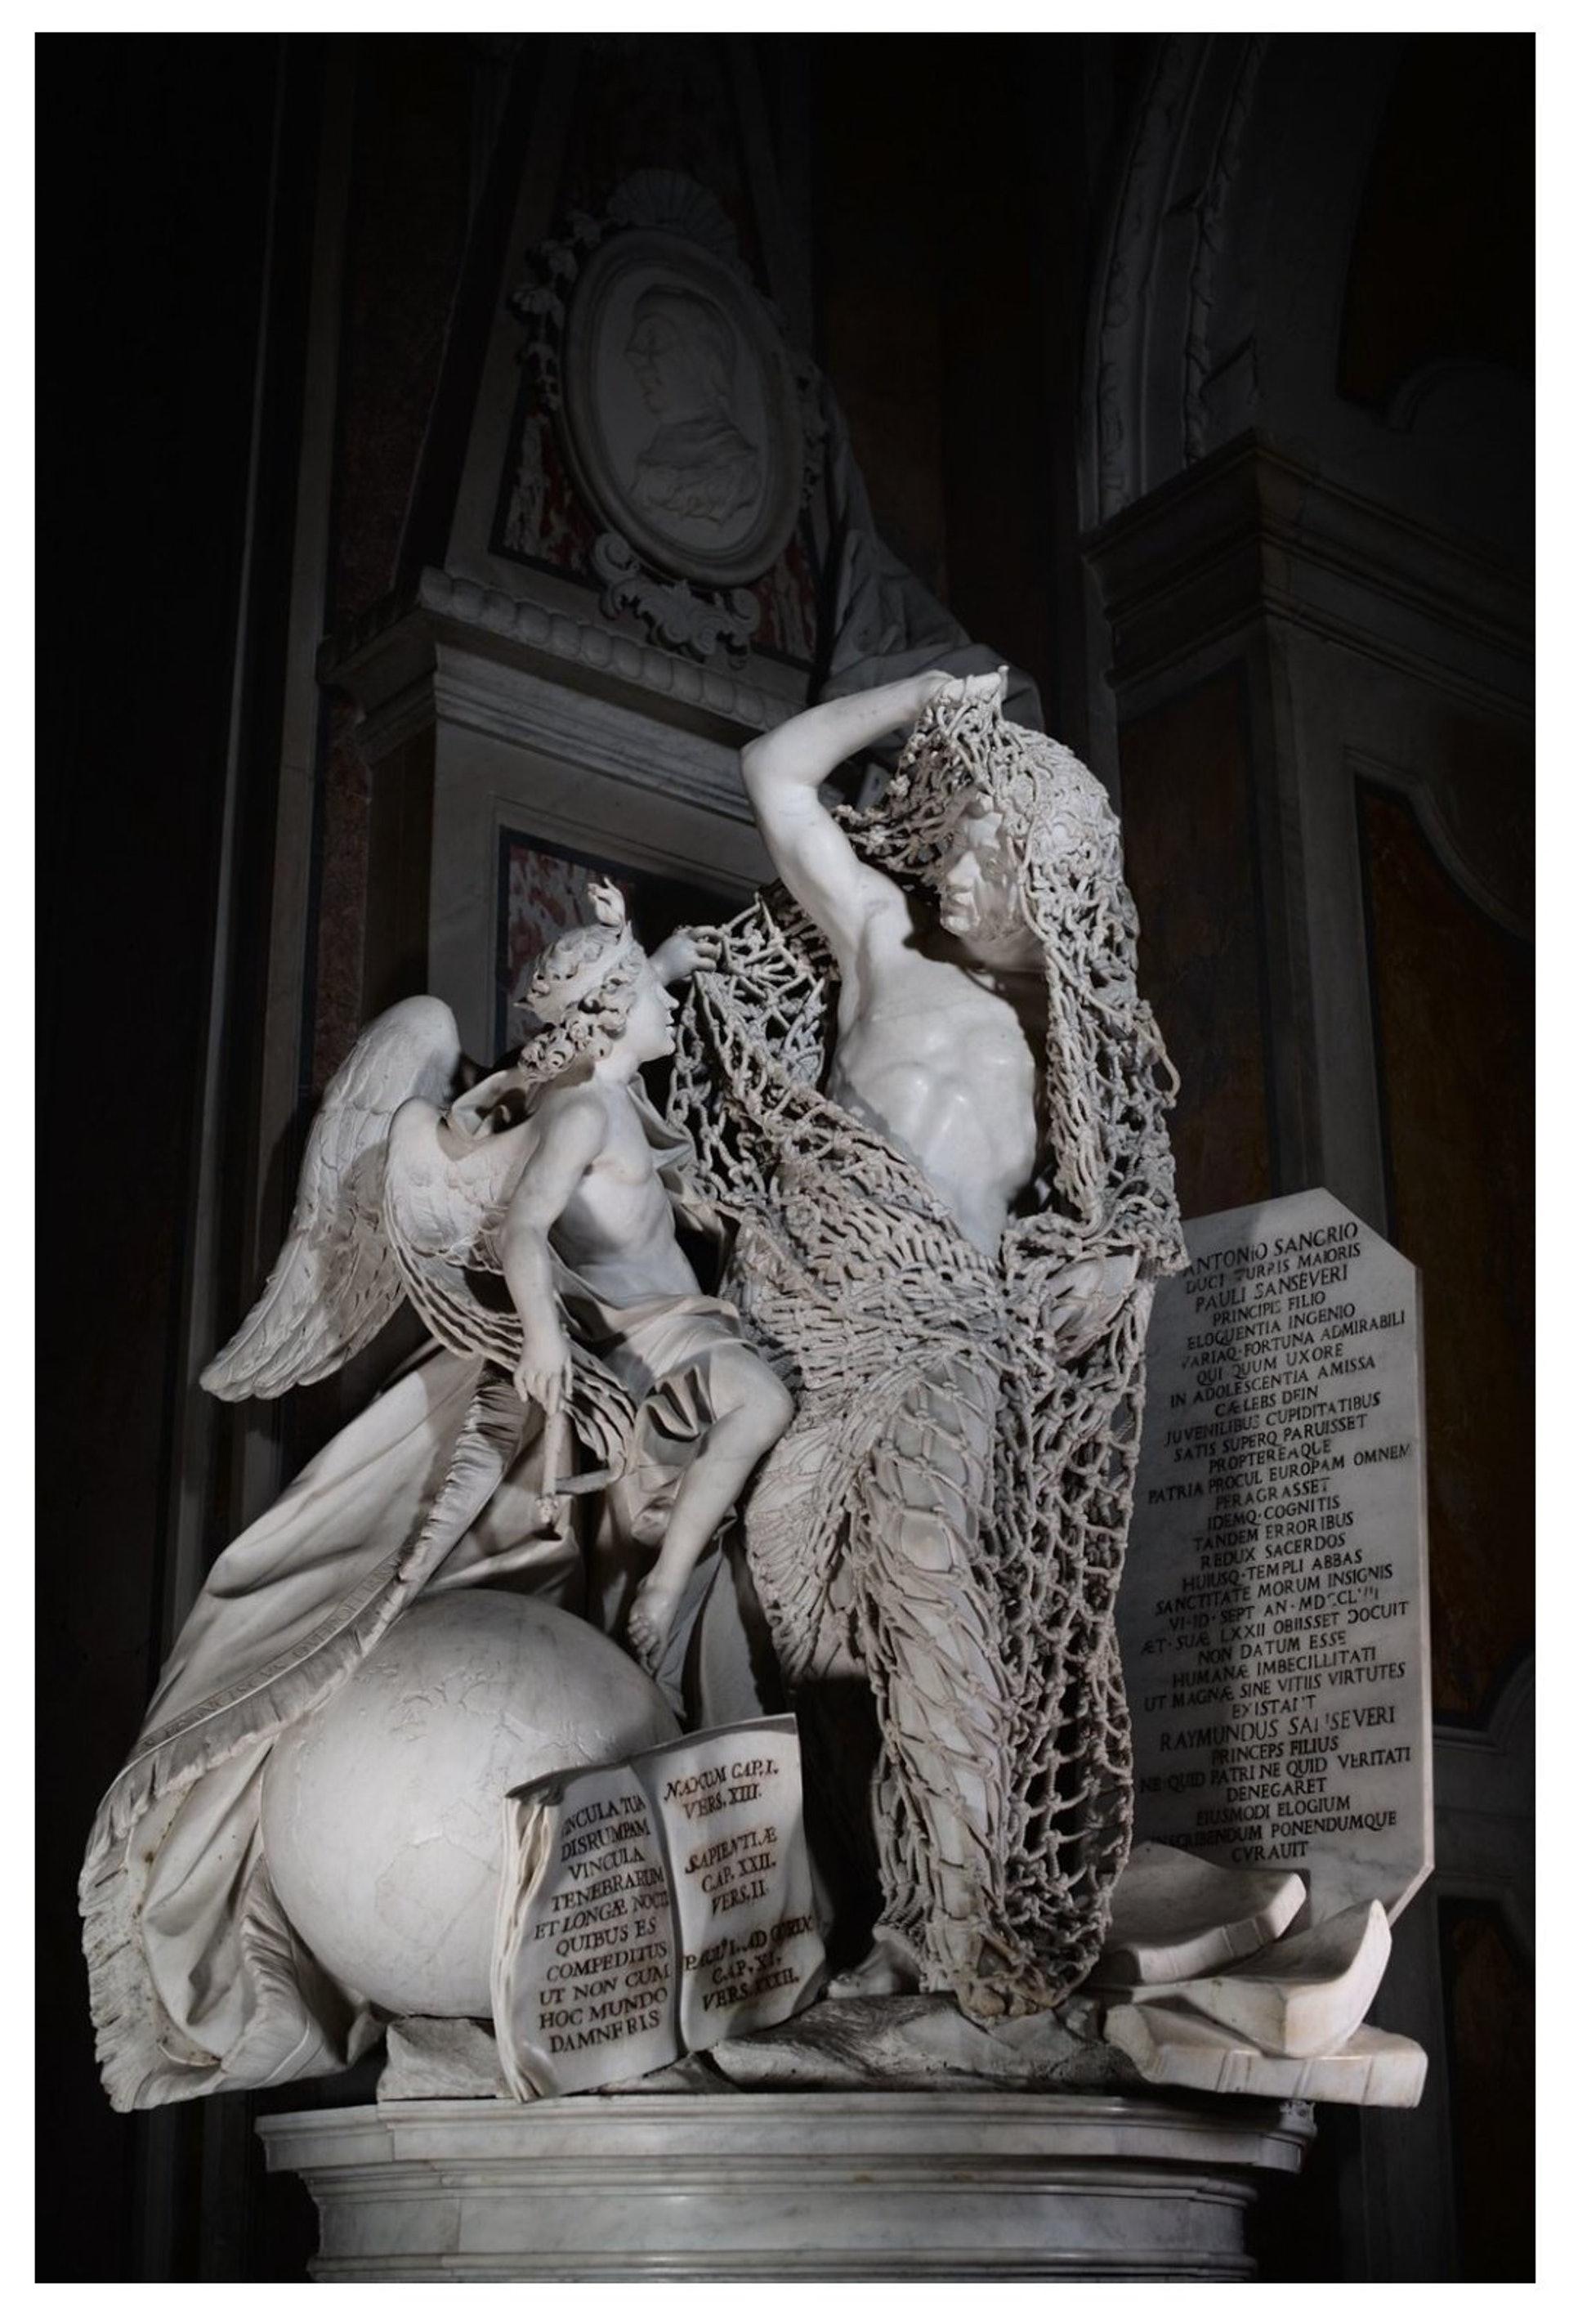 18世紀義大利熱那亞藝術家Francesco Queirolo的傑作《Il Disinganno》(從欺騙中解脫或覺醒)。(圖片擷取自︰april. navium exuro Twitter)